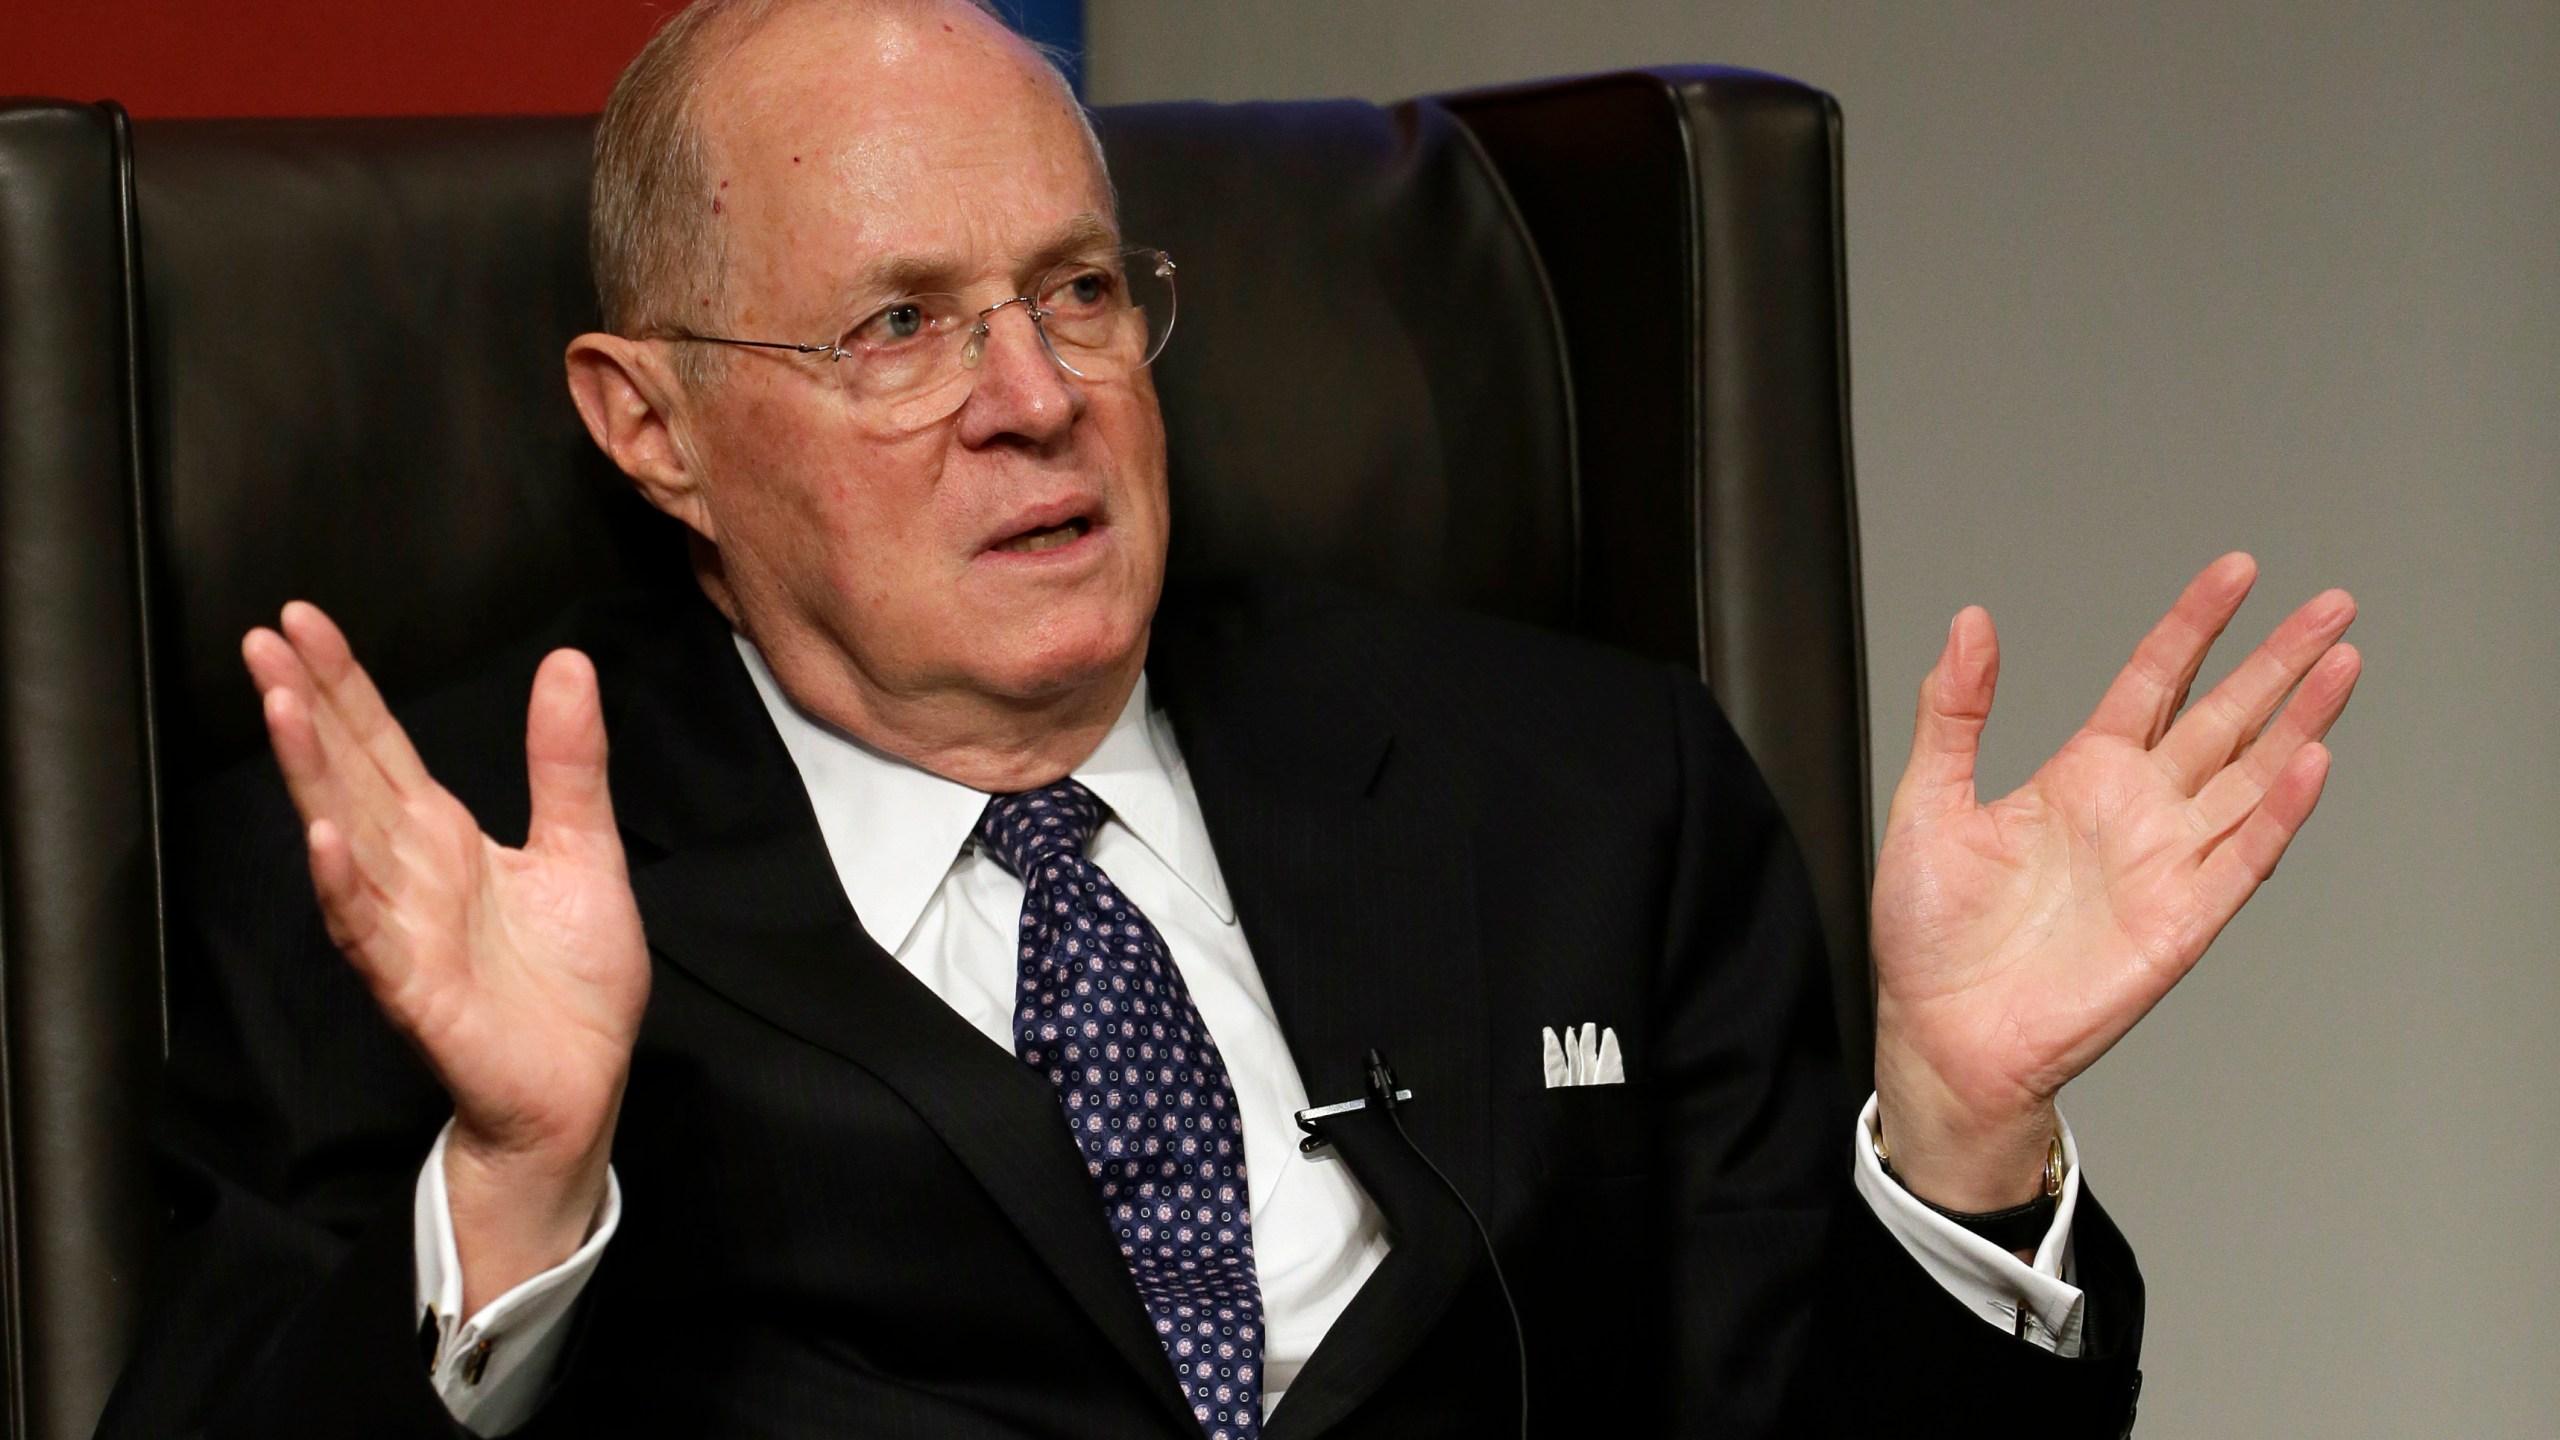 Supreme_Court_Kennedy_Retires_02368-159532.jpg00769244